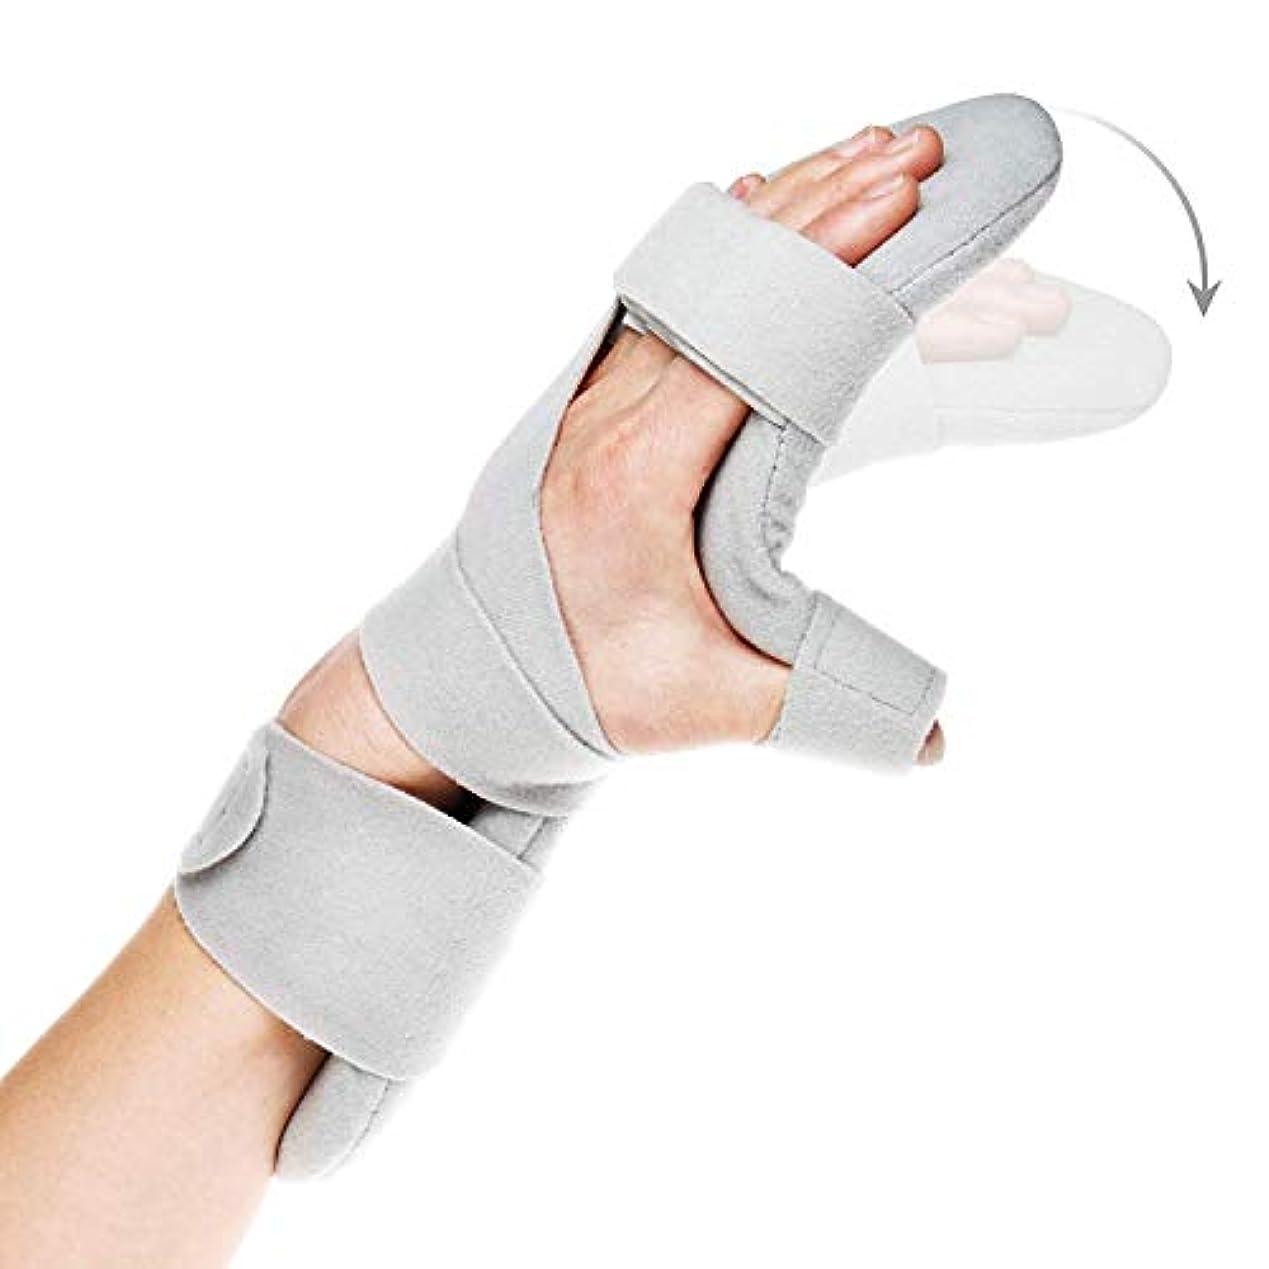 ベンチミケランジェロ不愉快疼痛腱炎捻挫骨折関節炎脱臼用安静時ハンドスプリントナイトリストバンドイモビライザーサポート (Size : Left Hand)